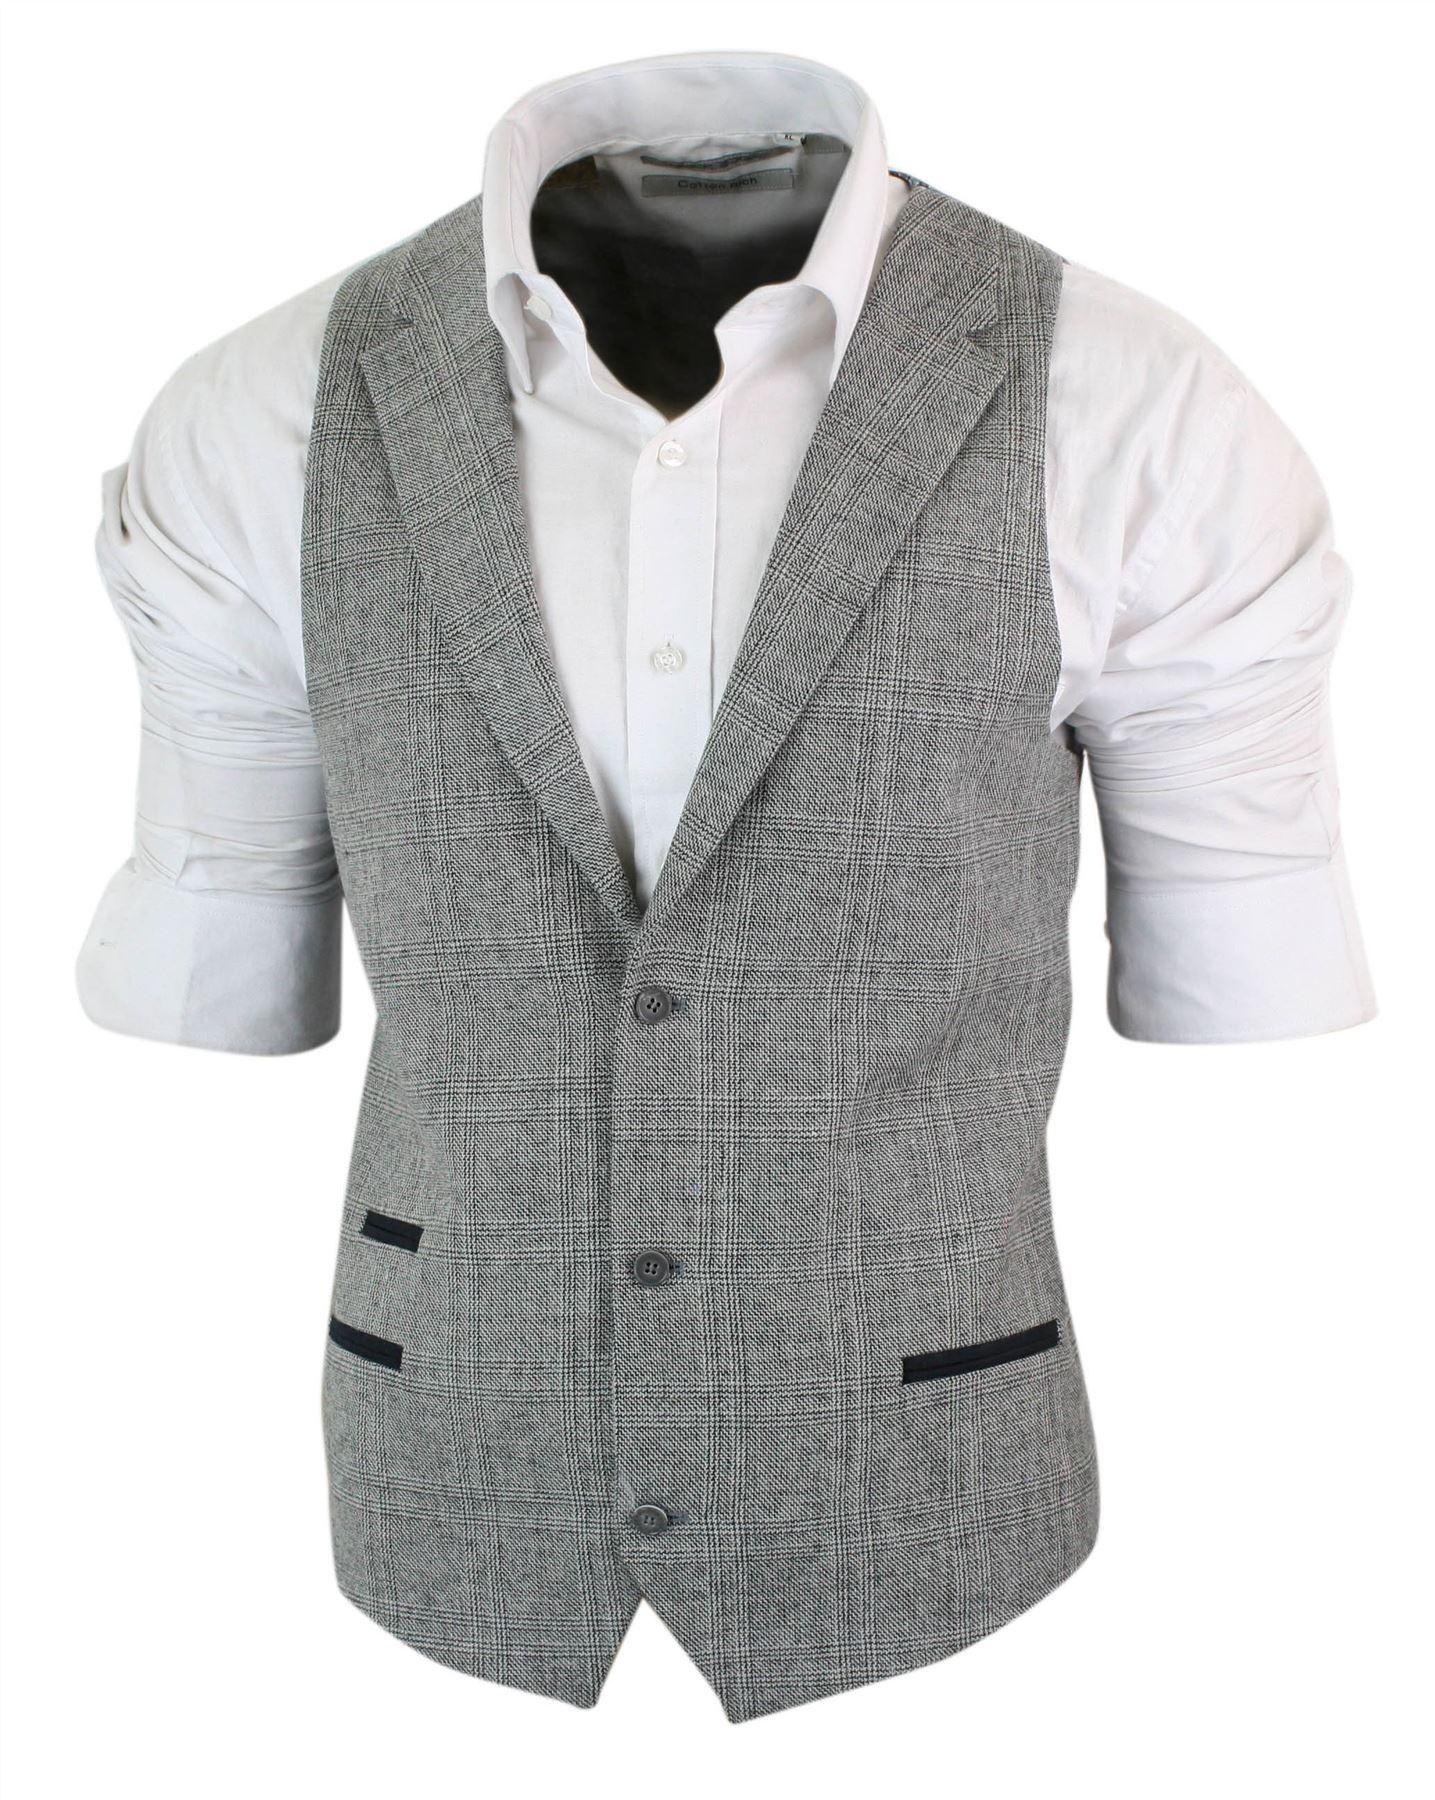 Homme 3 pièces MARC DARCY TWEED RETRO Herringbone Navy Vin Bordure Slim Fit Costume